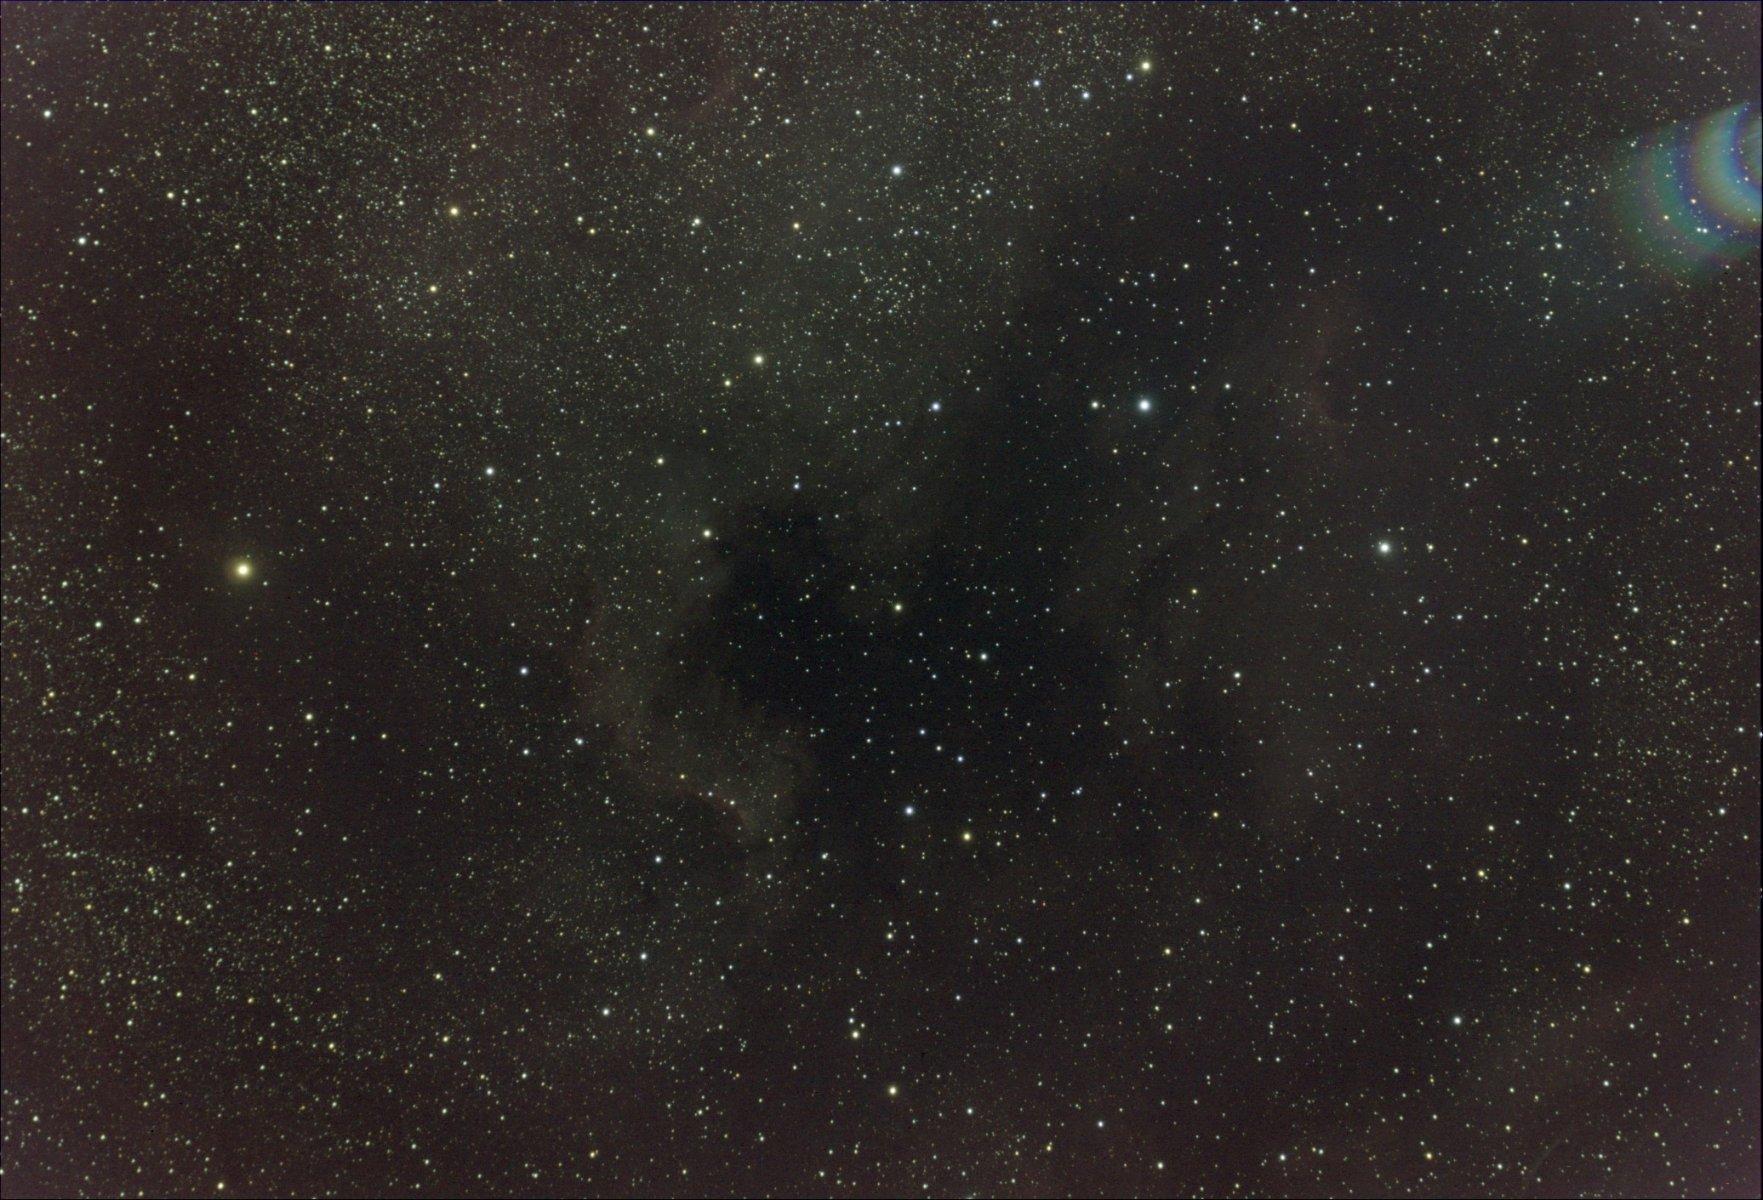 2020-10-19_NGC7000_EvoG_294MC_NEQ5_Roh.jpg